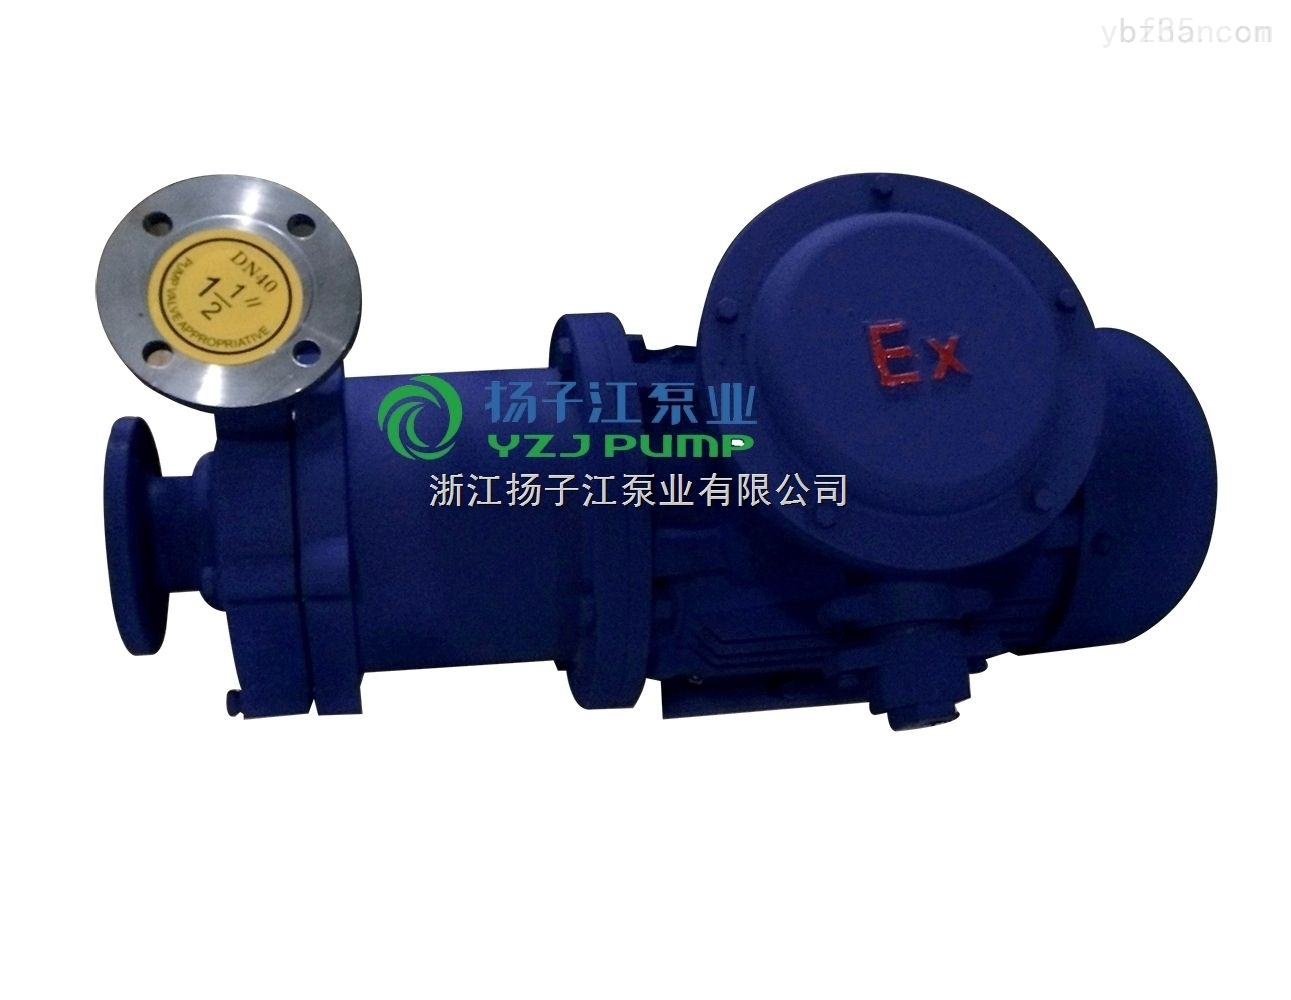 CQ厂家直销防爆磁力离心泵 耐腐蚀防爆磁力泵 不锈钢防爆磁力泵